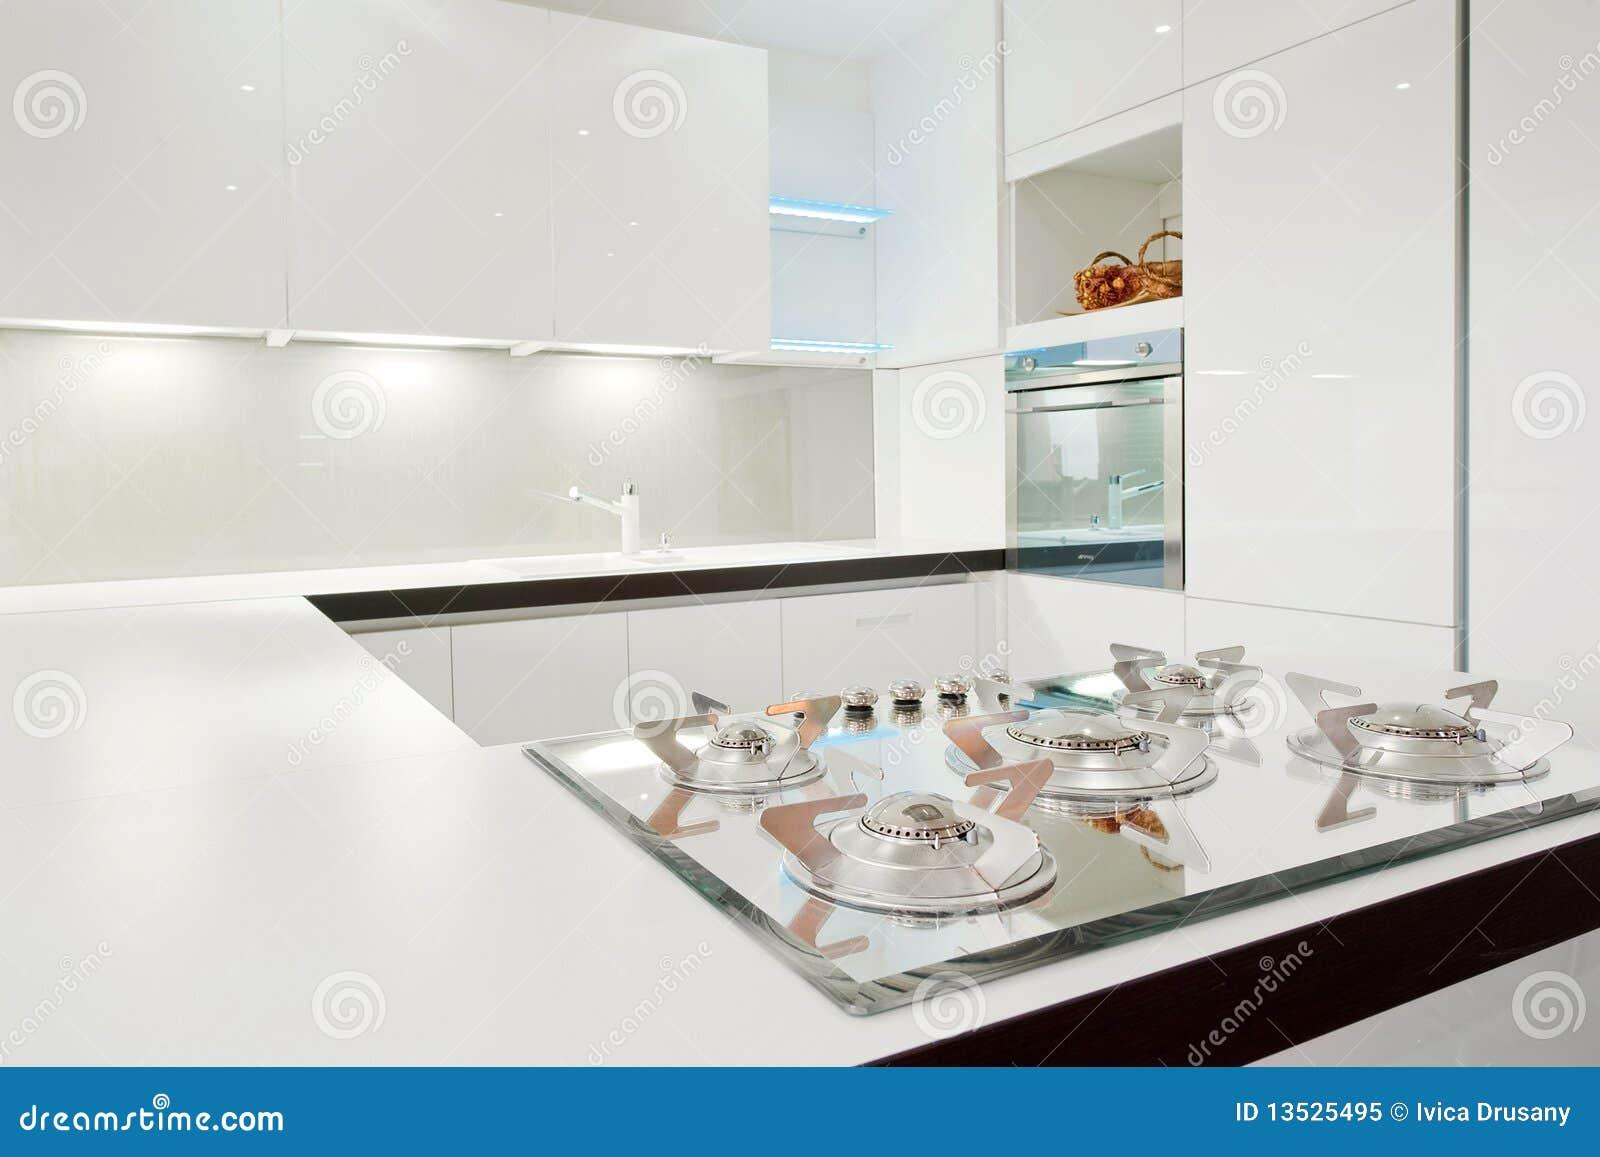 Cucina Rustica Moderna Bianca: Cucina area arredamenti rustica con ...